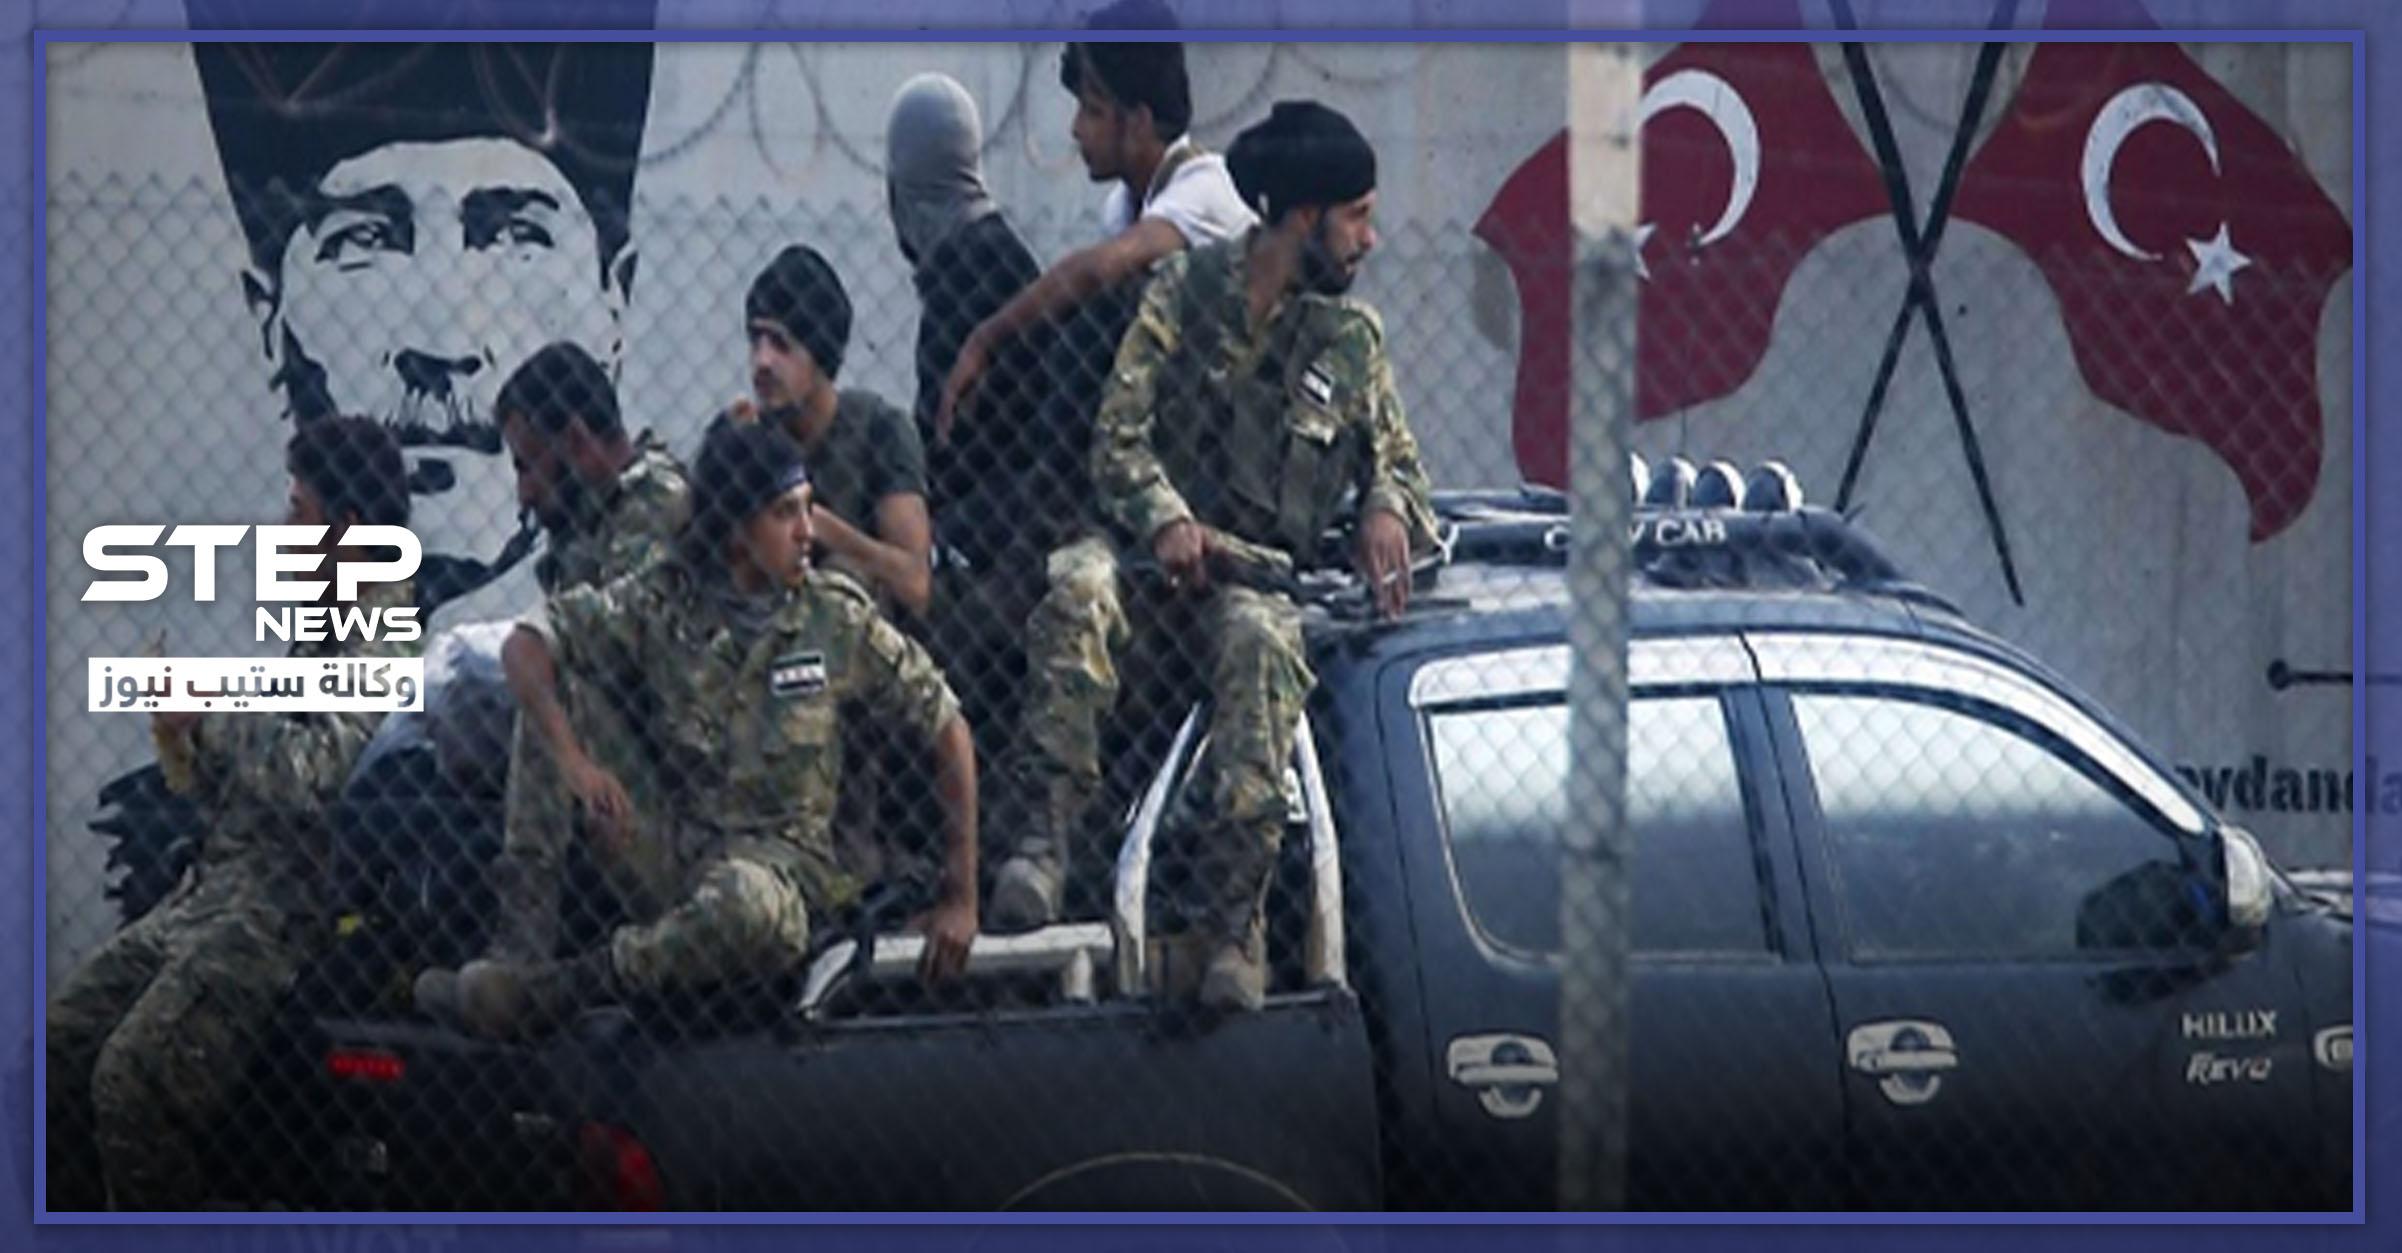 قياديين اثنين ومجموعاتهم بين المرتزقة السوريين المرحلين من ليبيا